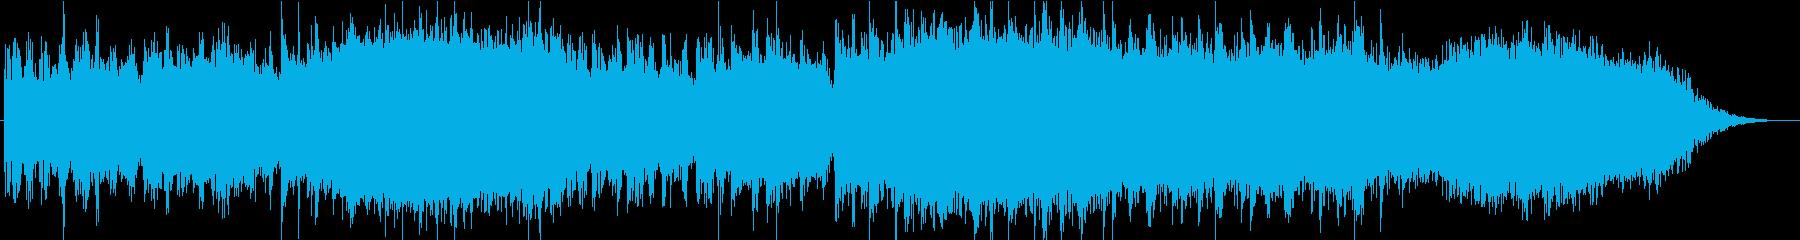 昭和/ホラーの再生済みの波形